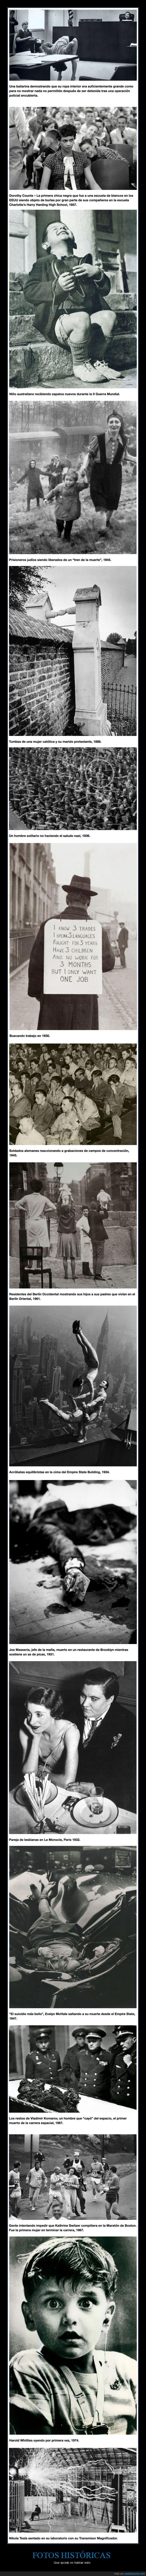 fotos,fotos históricas,historia